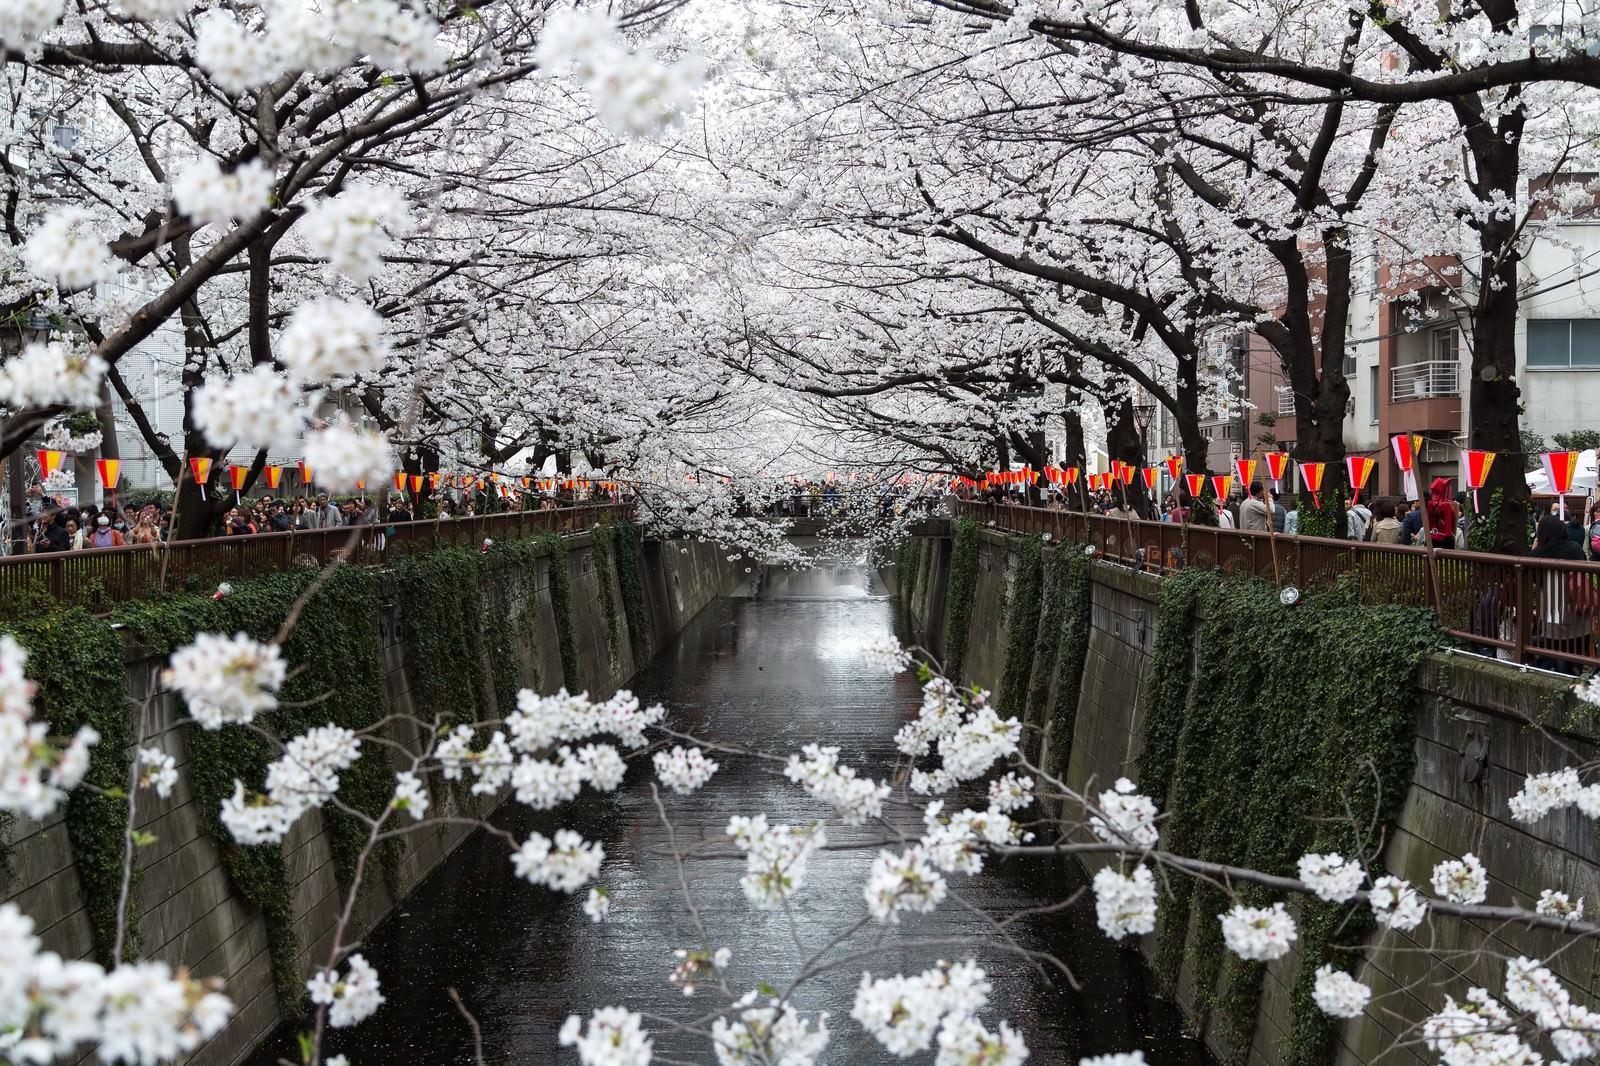 「両端が満開に咲く桜 | 写真の無料素材・フリー素材 - ぱくたそ」の写真